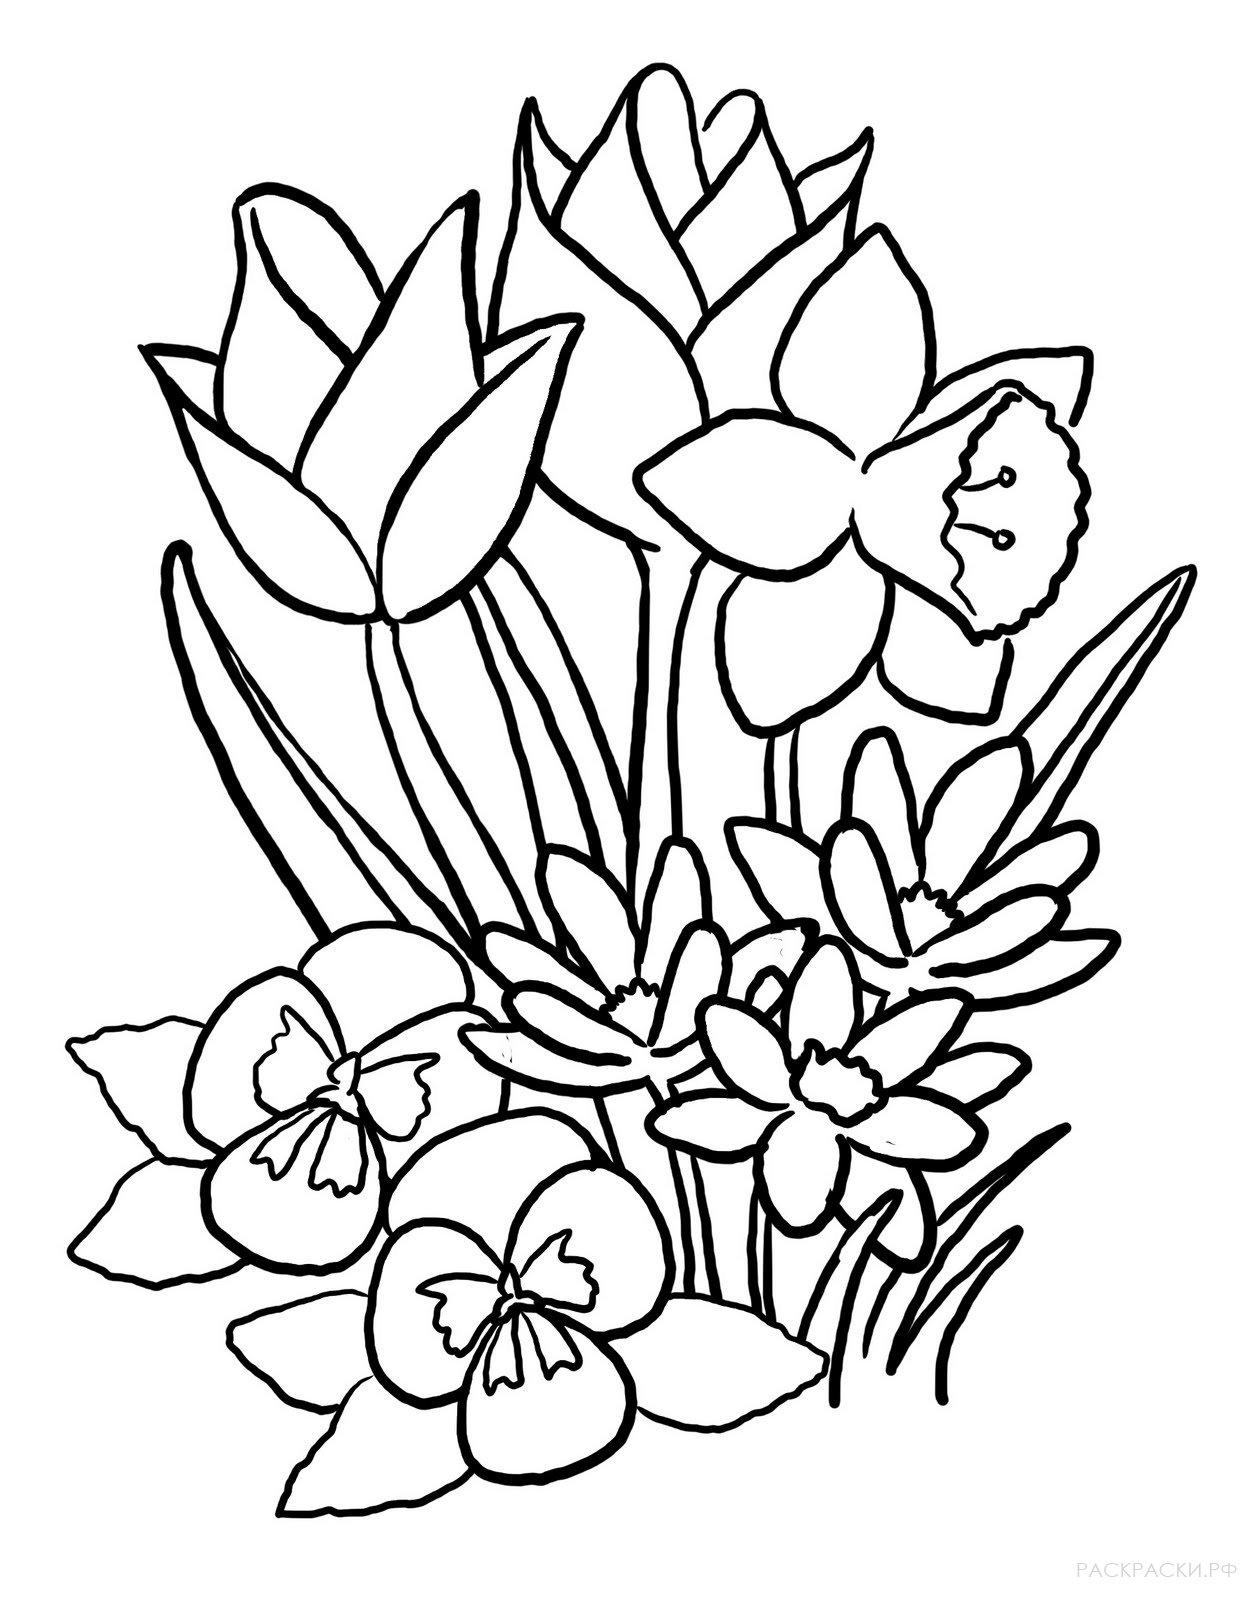 рисунки весенних цветов кончик нитки, шпагатом